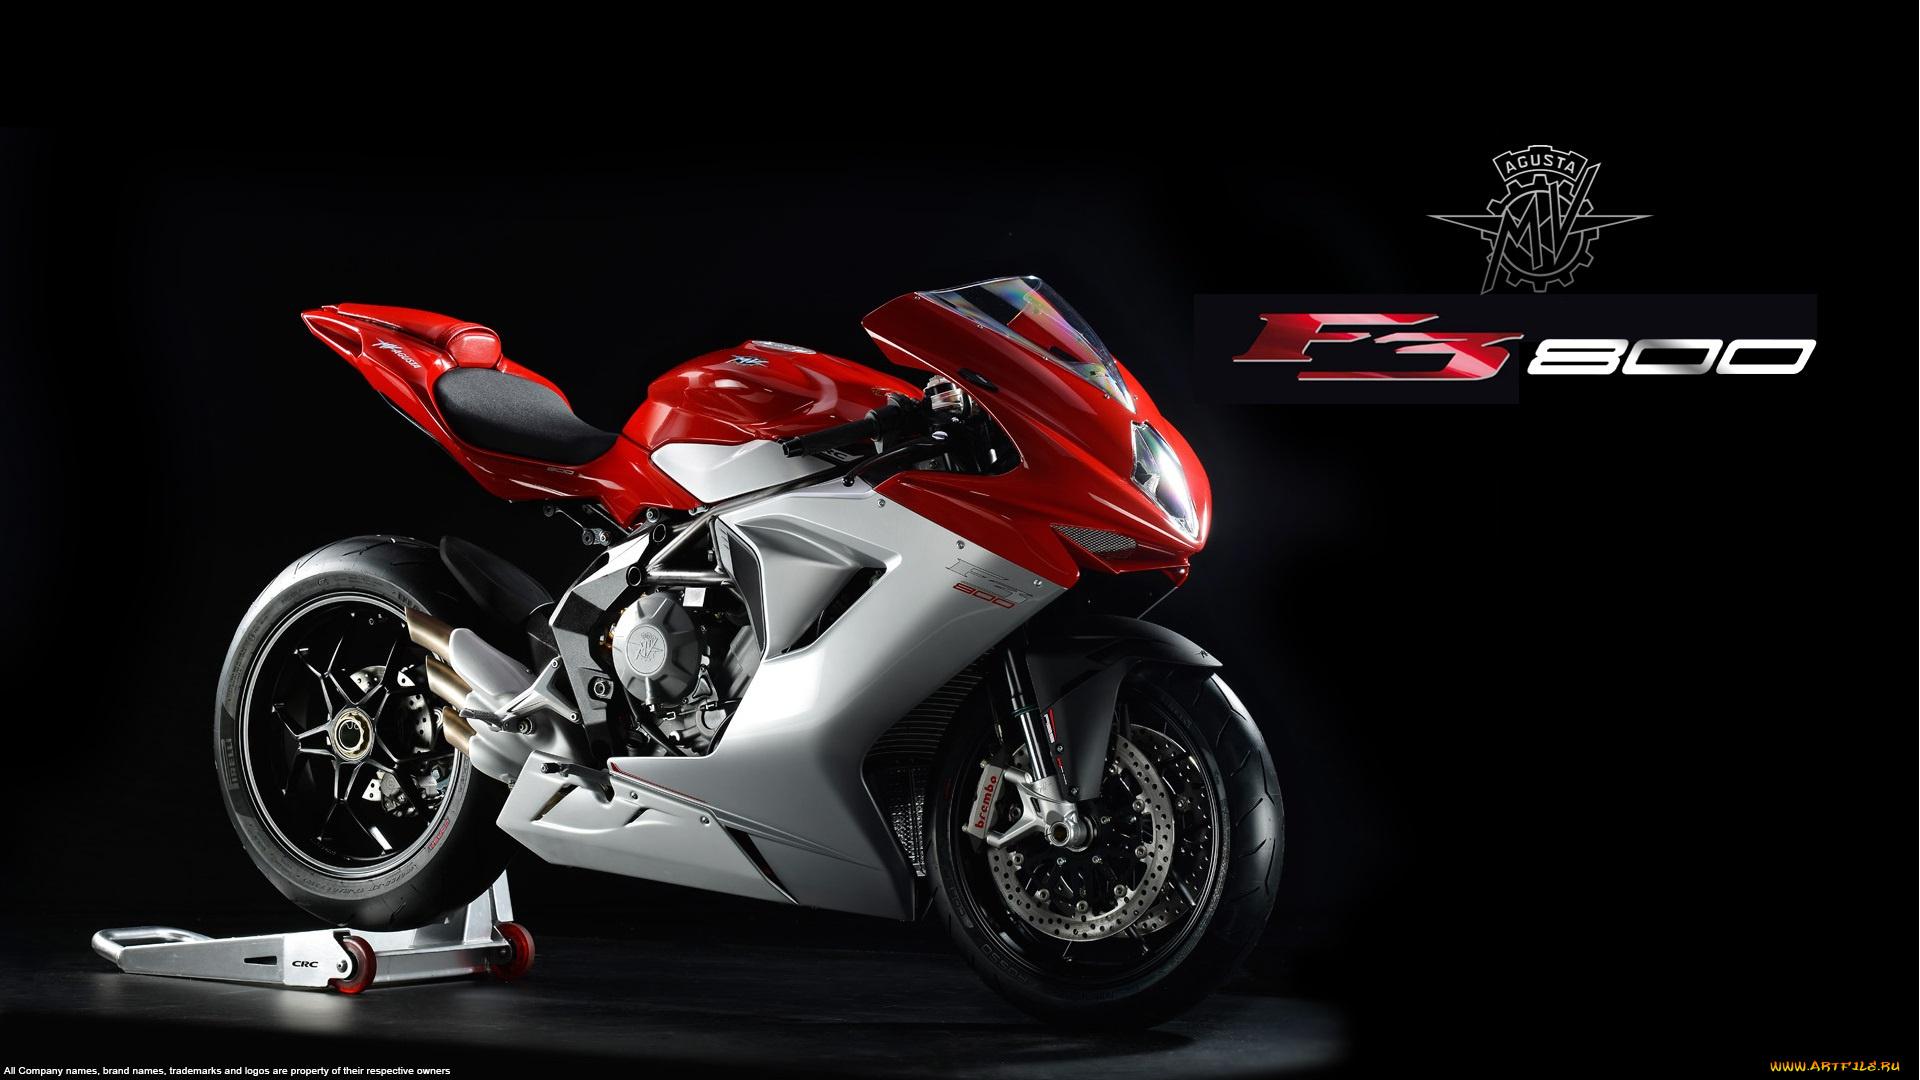 Мотоцикл Agusta F3 800 черный онлайн